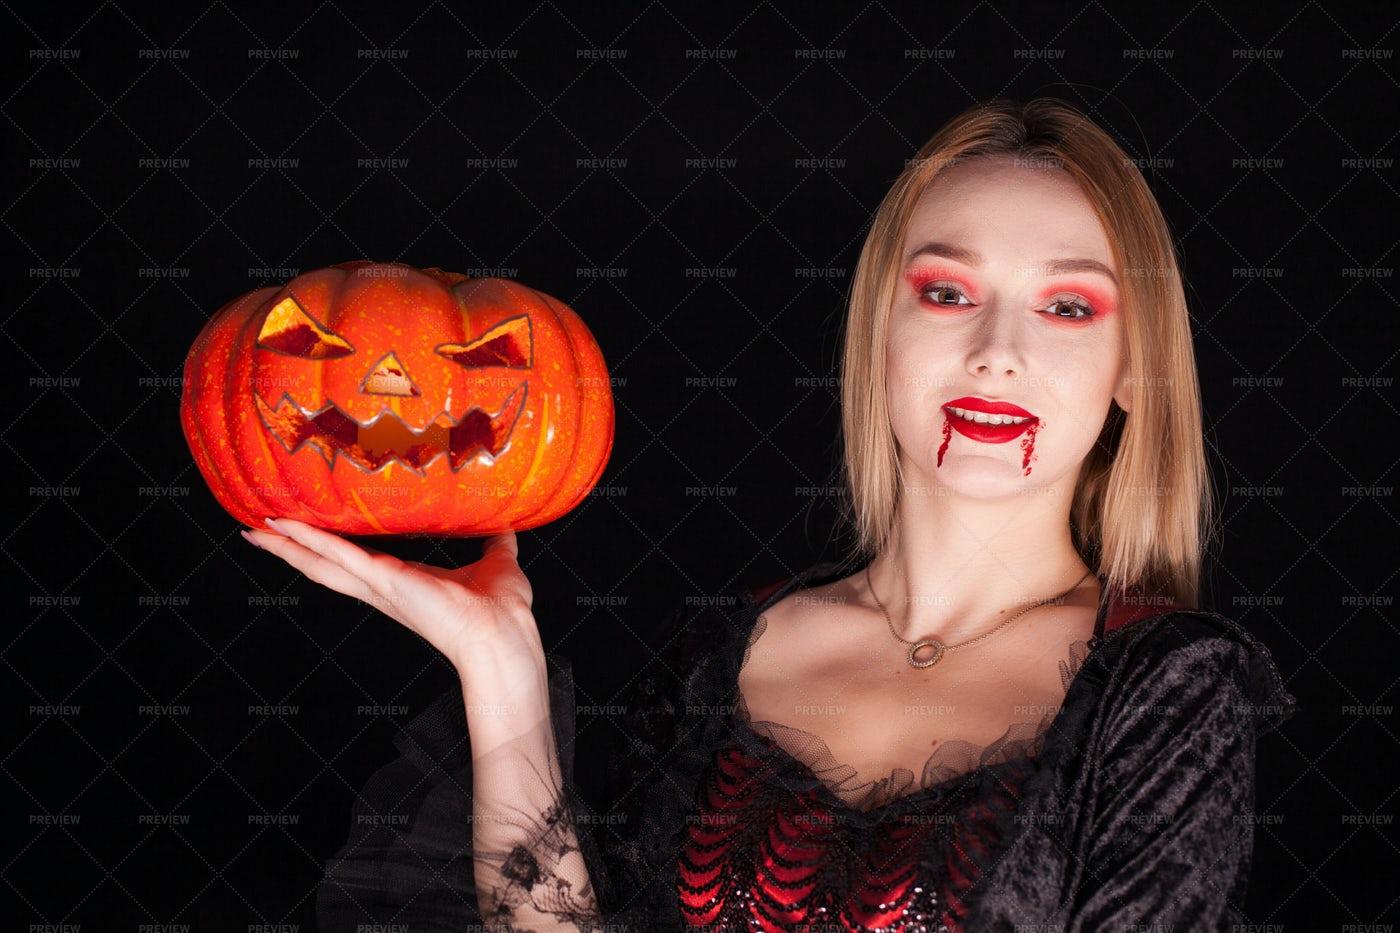 Vampire Woman Holds A Pumpkin: Stock Photos